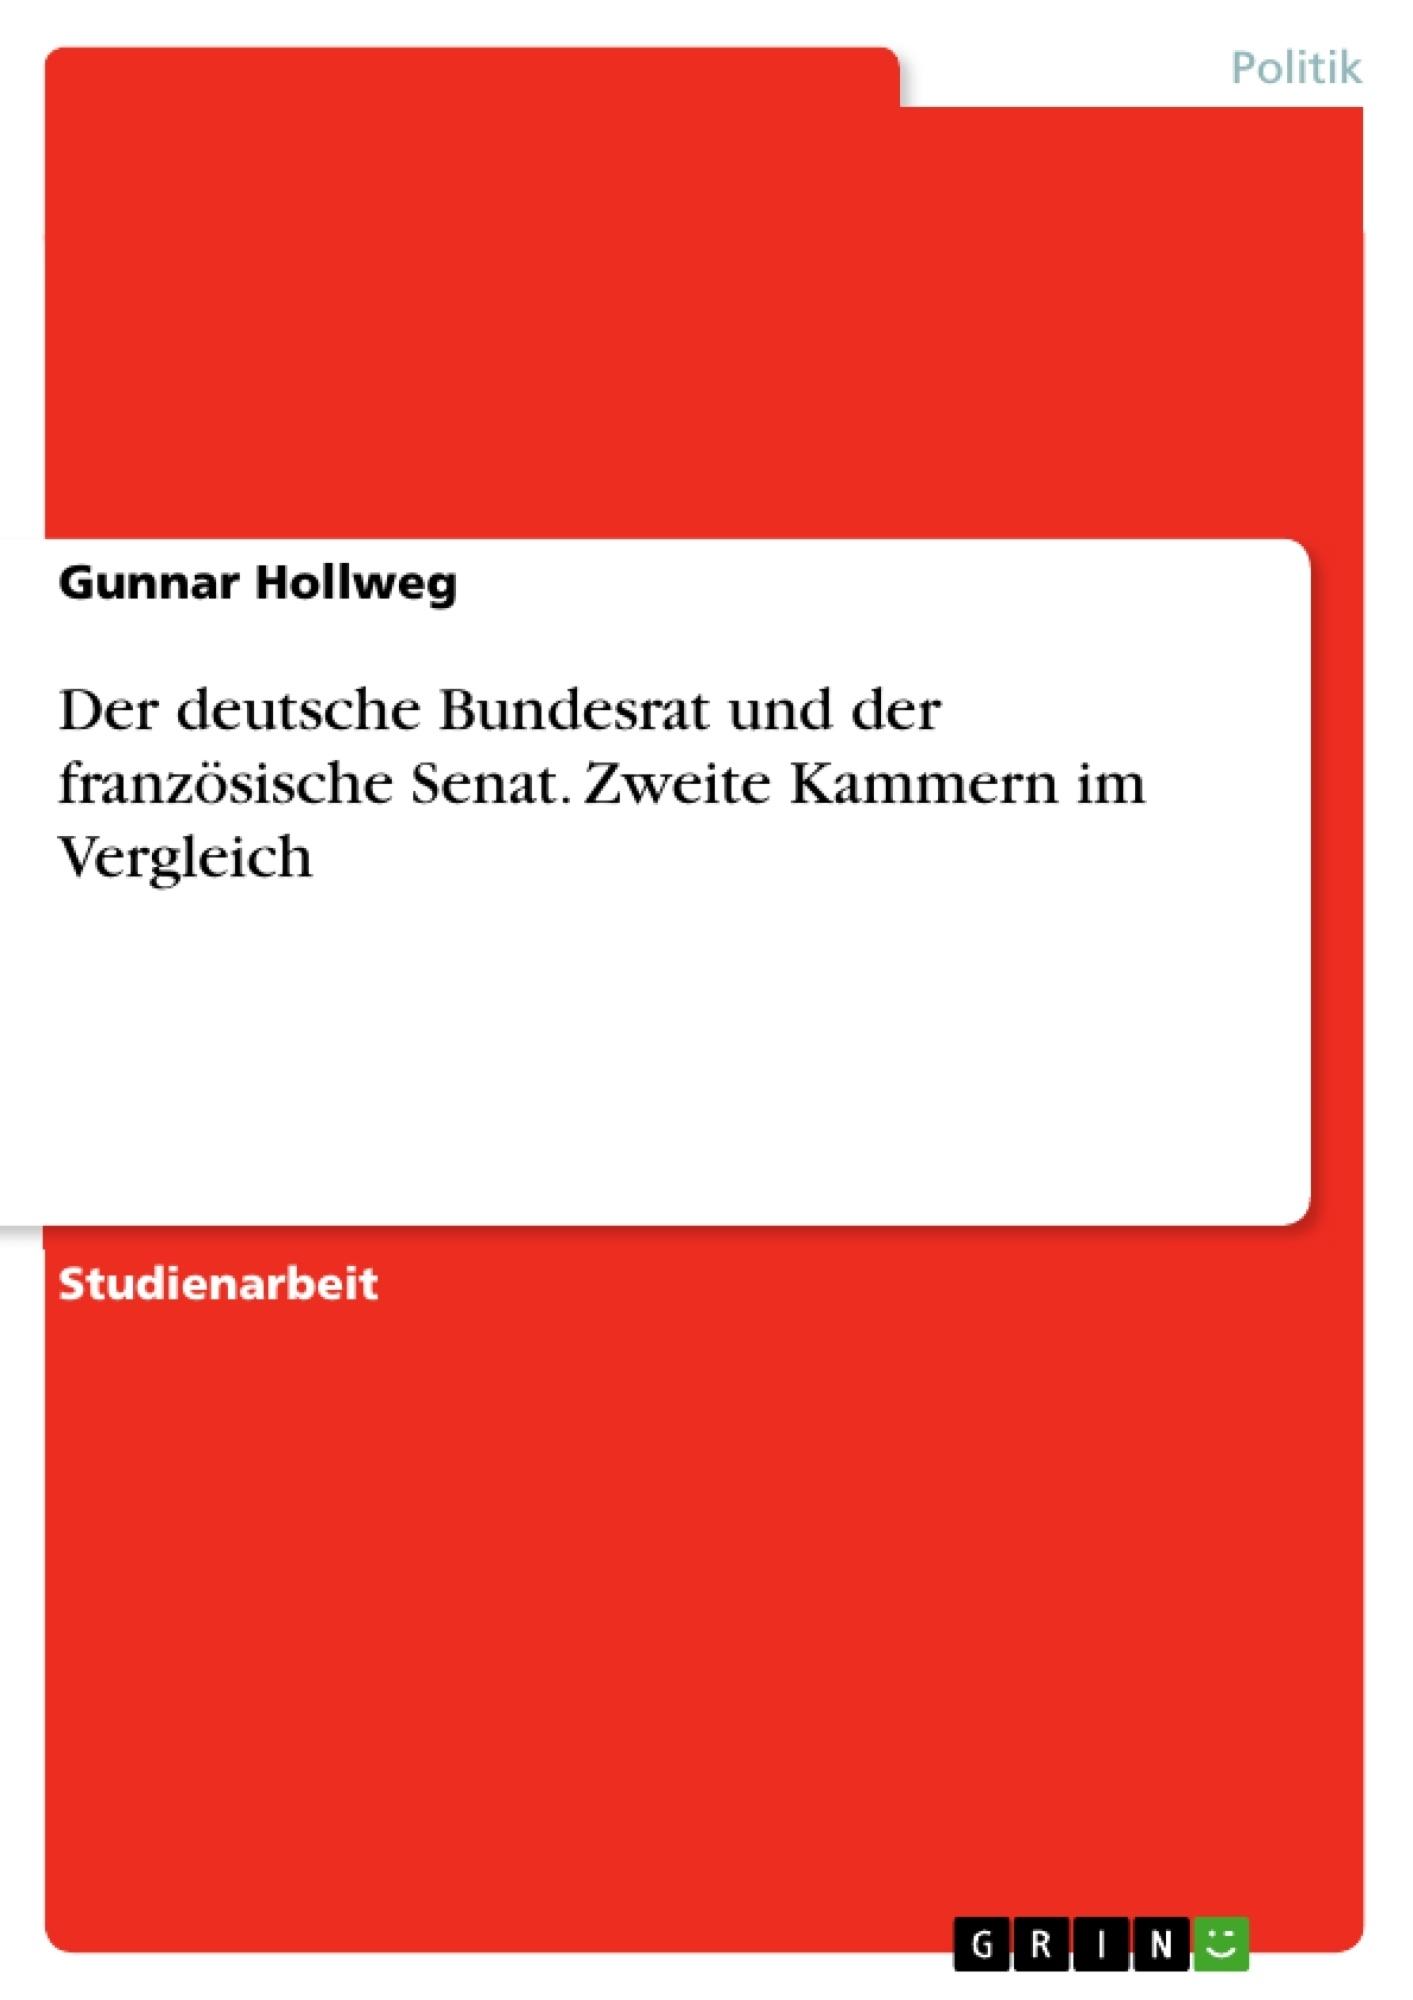 Titel: Der deutsche Bundesrat und der französische Senat. Zweite Kammern im Vergleich